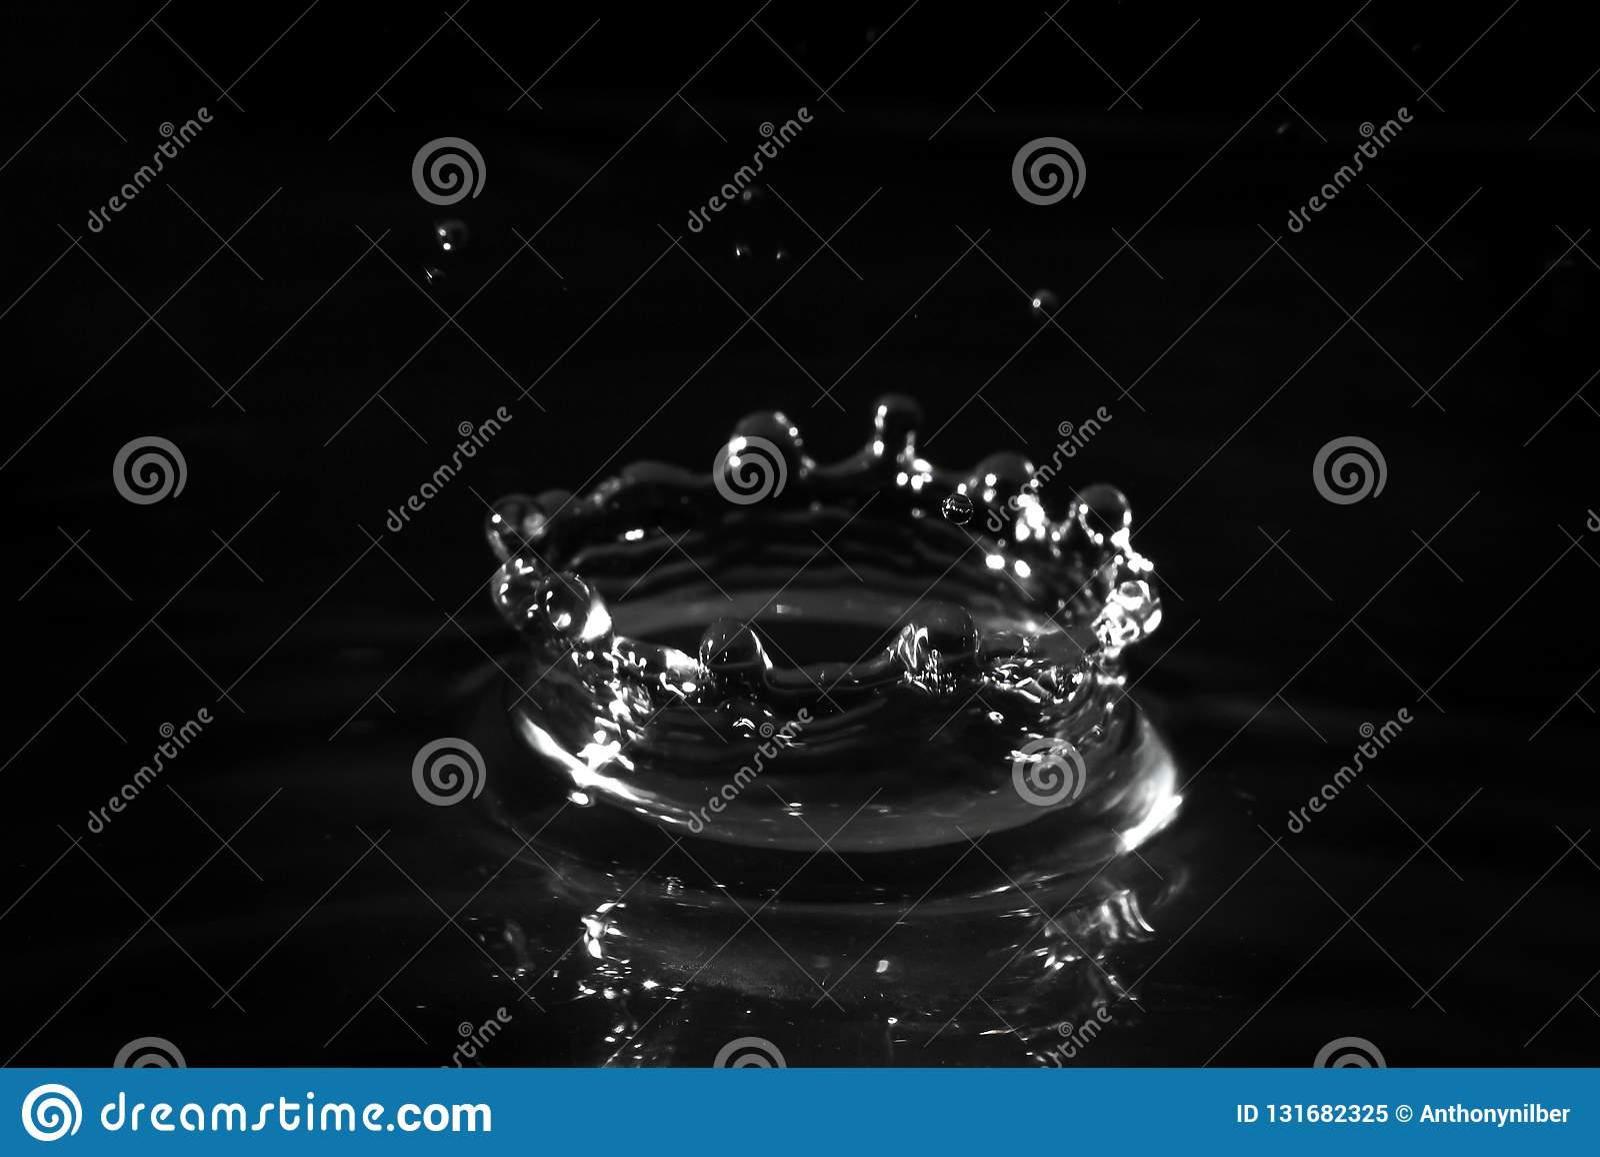 水滴起波纹水波的池塘波纹